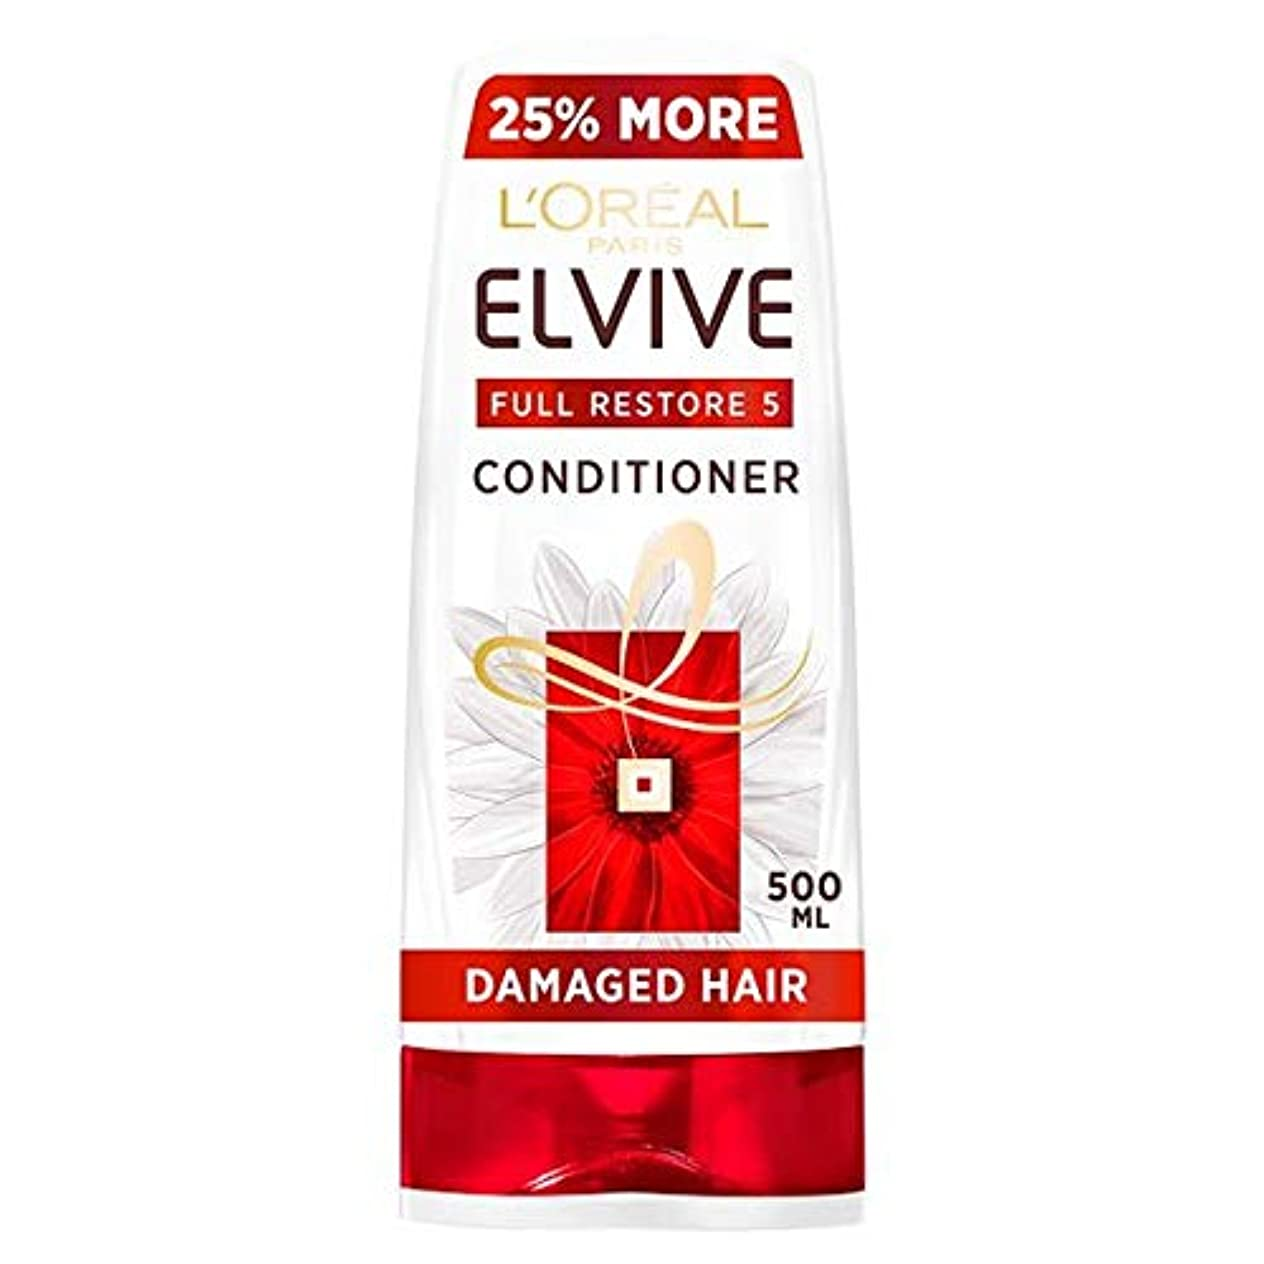 はぁ試す認可[Elvive] ロレアルElvive極度のダメージヘアコンディショナー500ミリリットル - L'oreal Elvive Extreme Damaged Hair Conditioner 500Ml [並行輸入品]